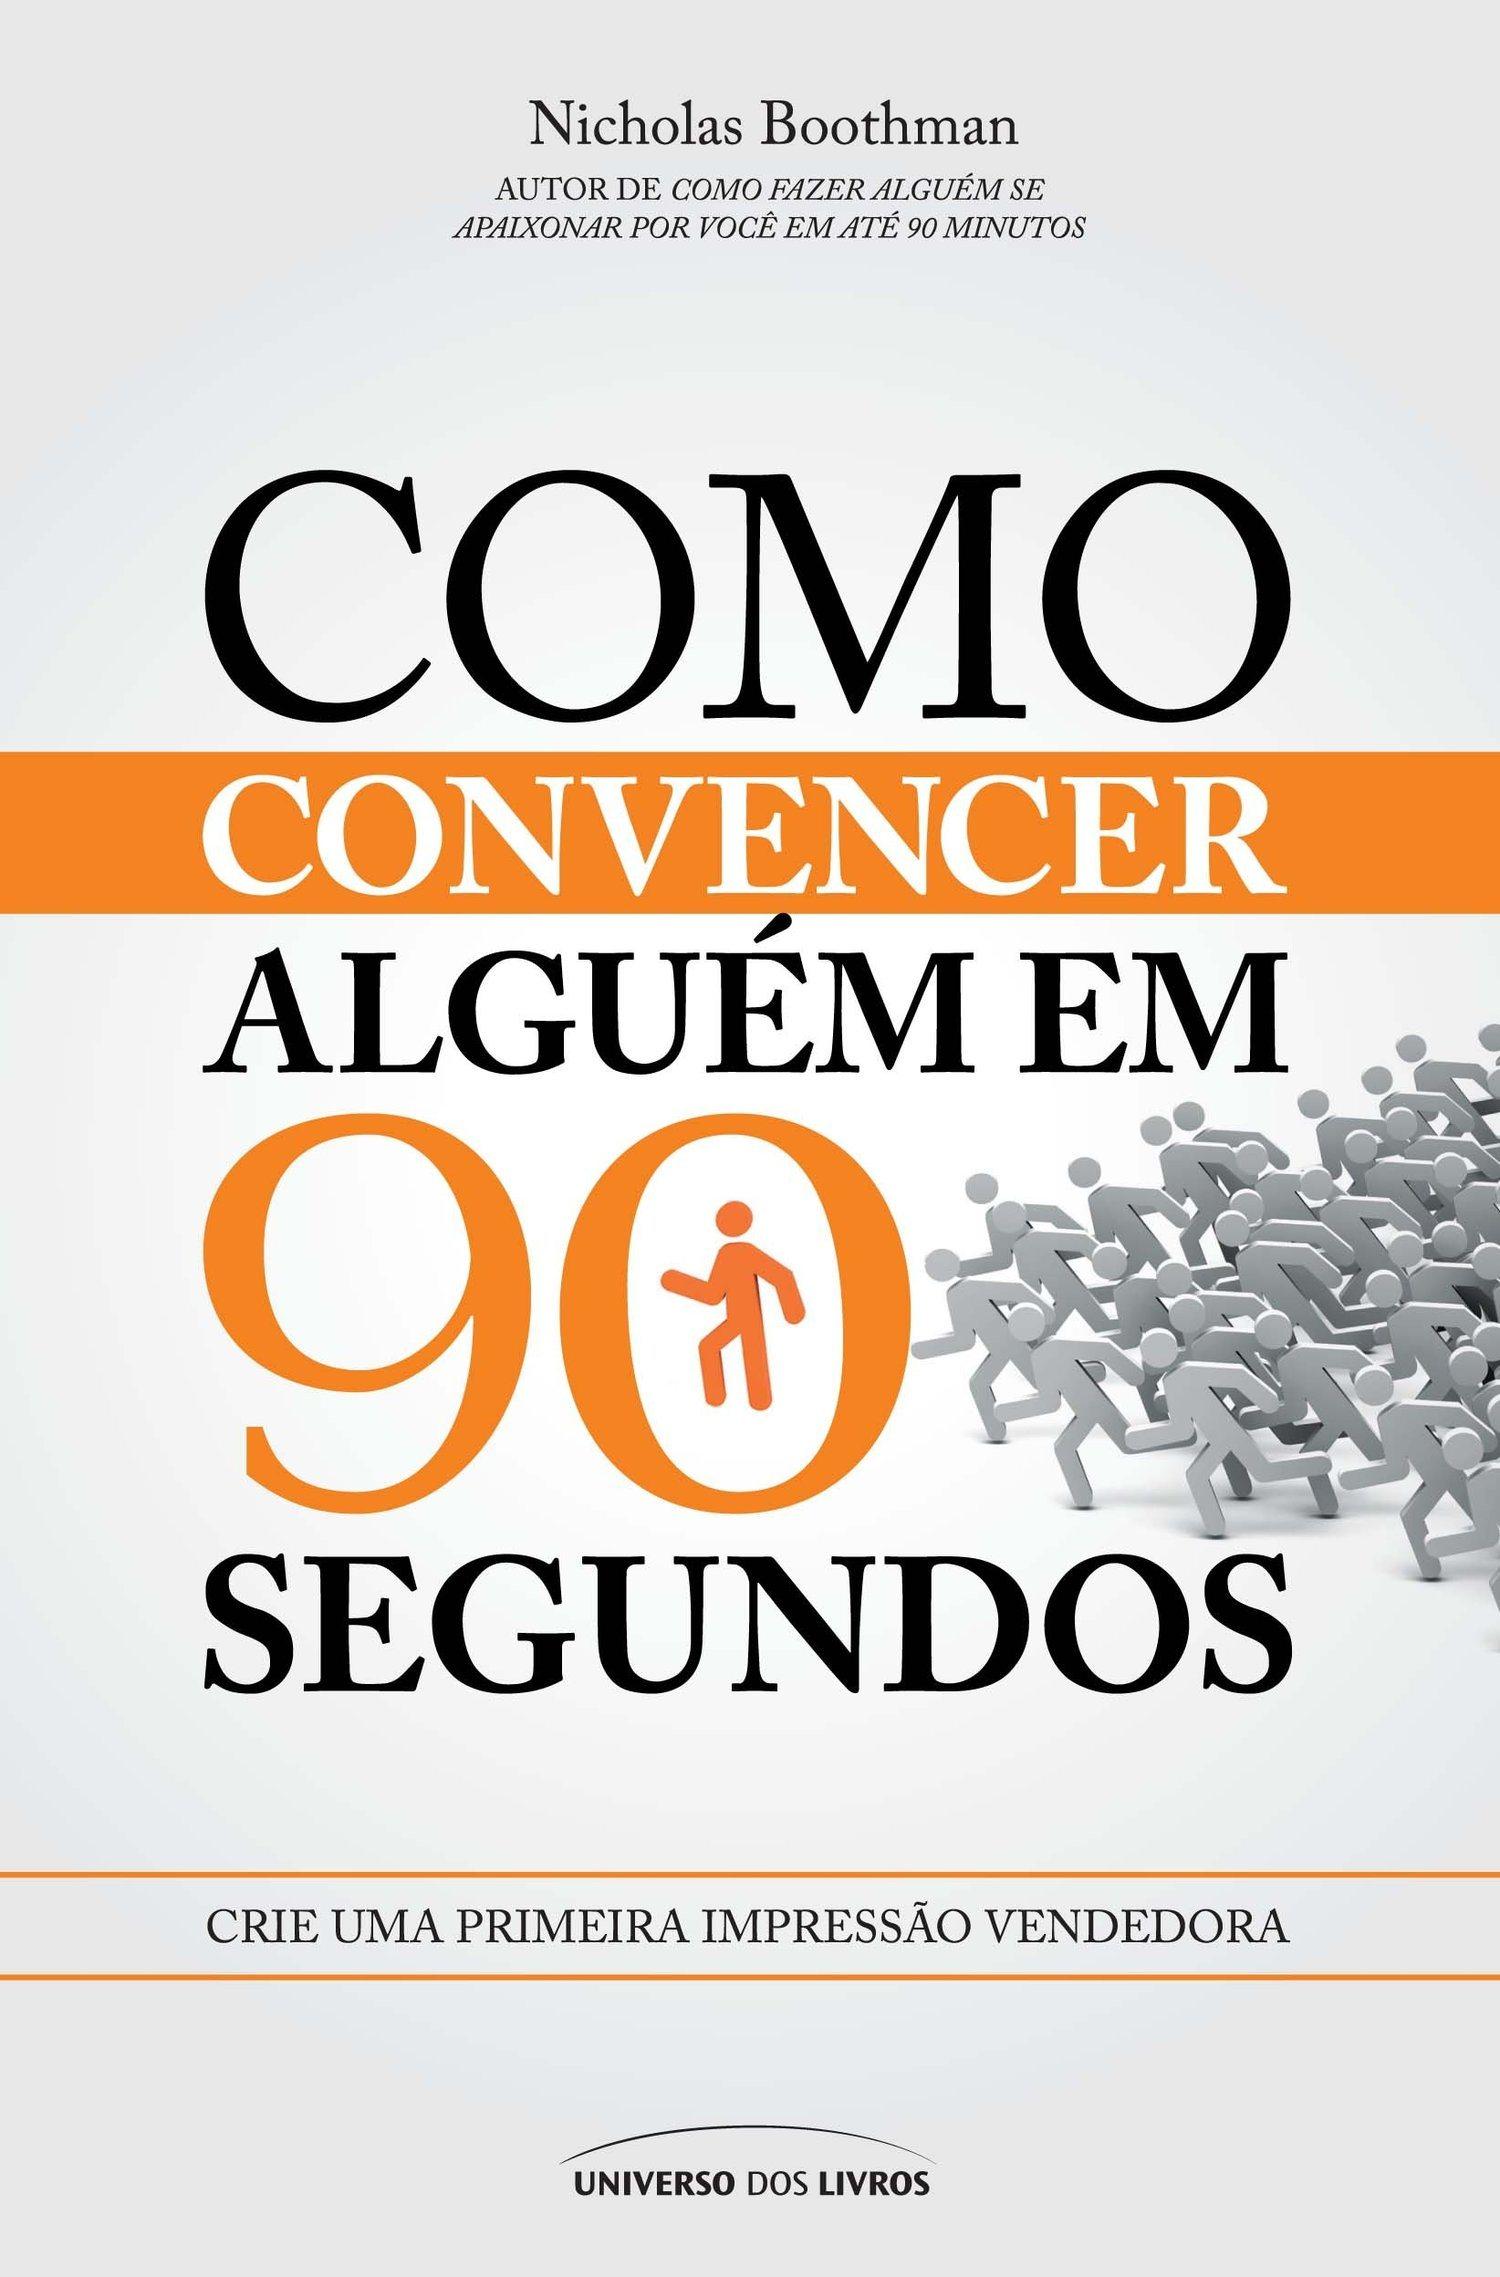 COMO CONVENCER ALGUÉM EM 90 SEGUNDOS: CRIE UMA PRIMEIRA IMPRESSÃO VENCEDORA